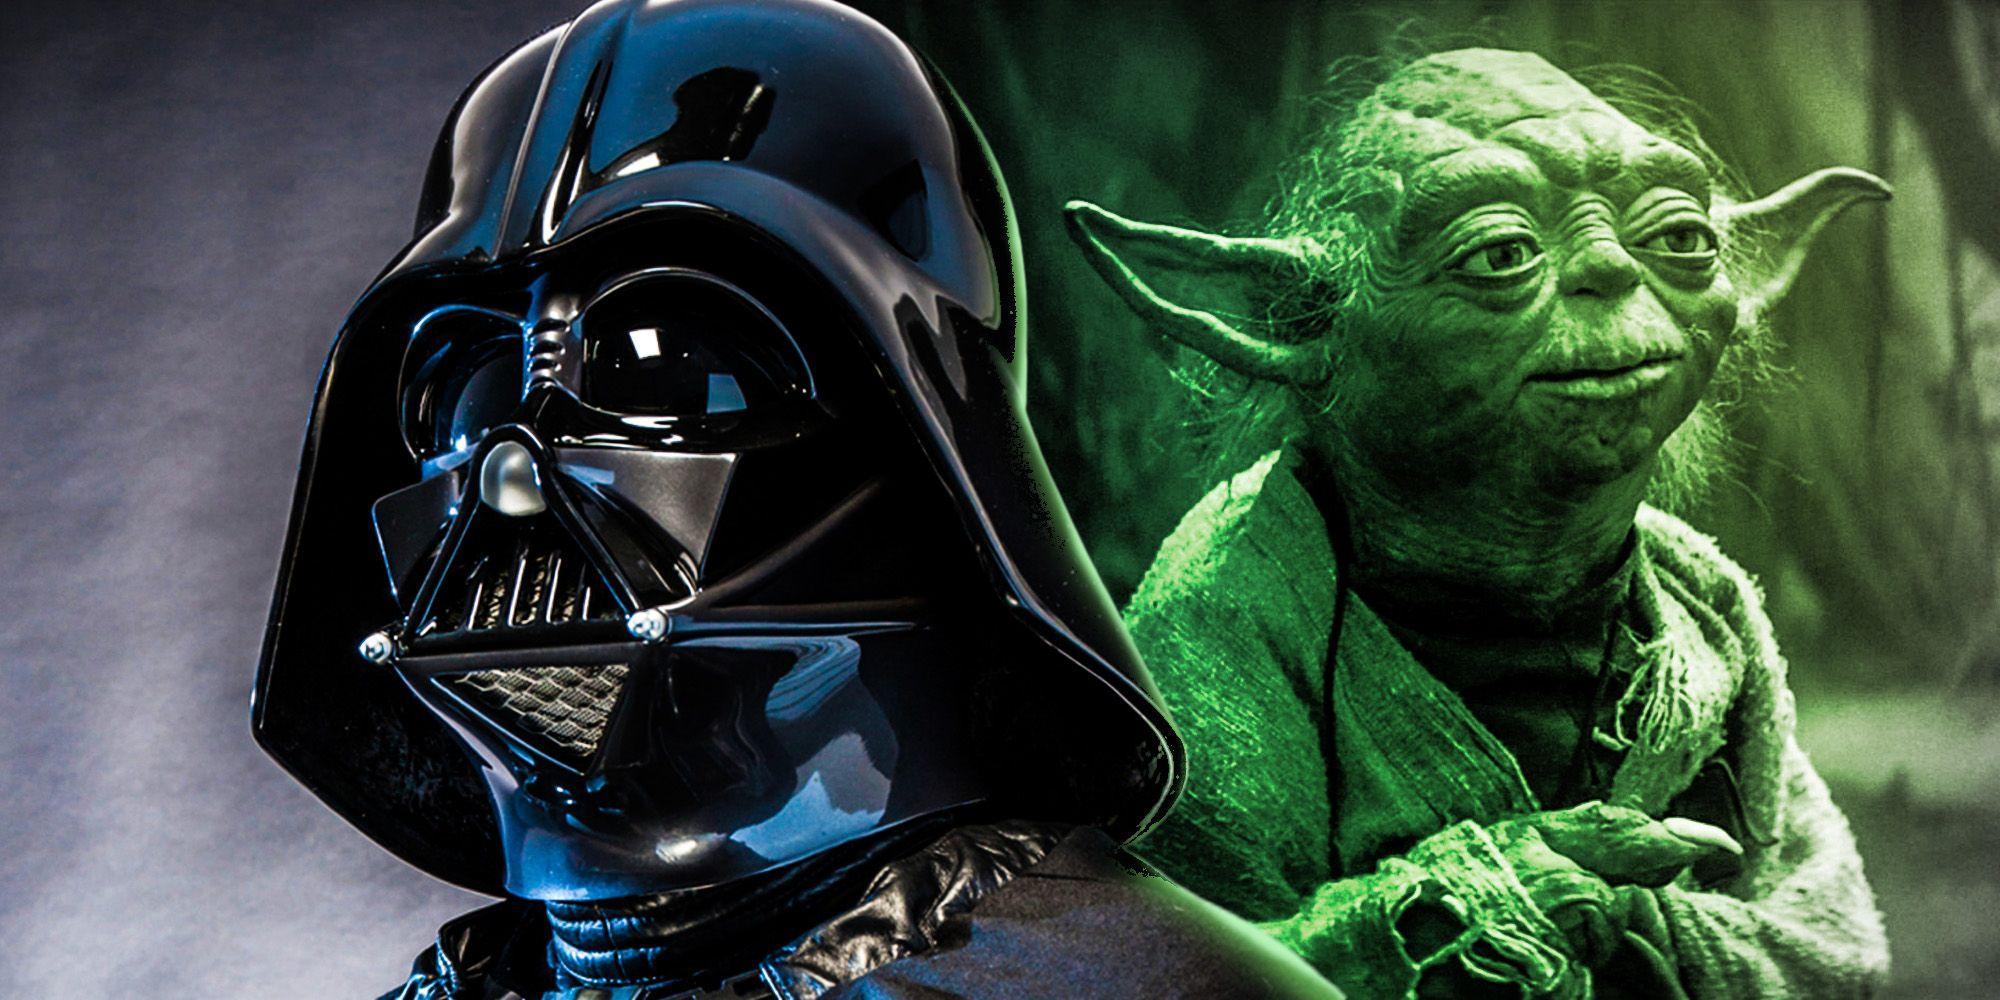 Who would have won if Yoda had fought Darth Vader